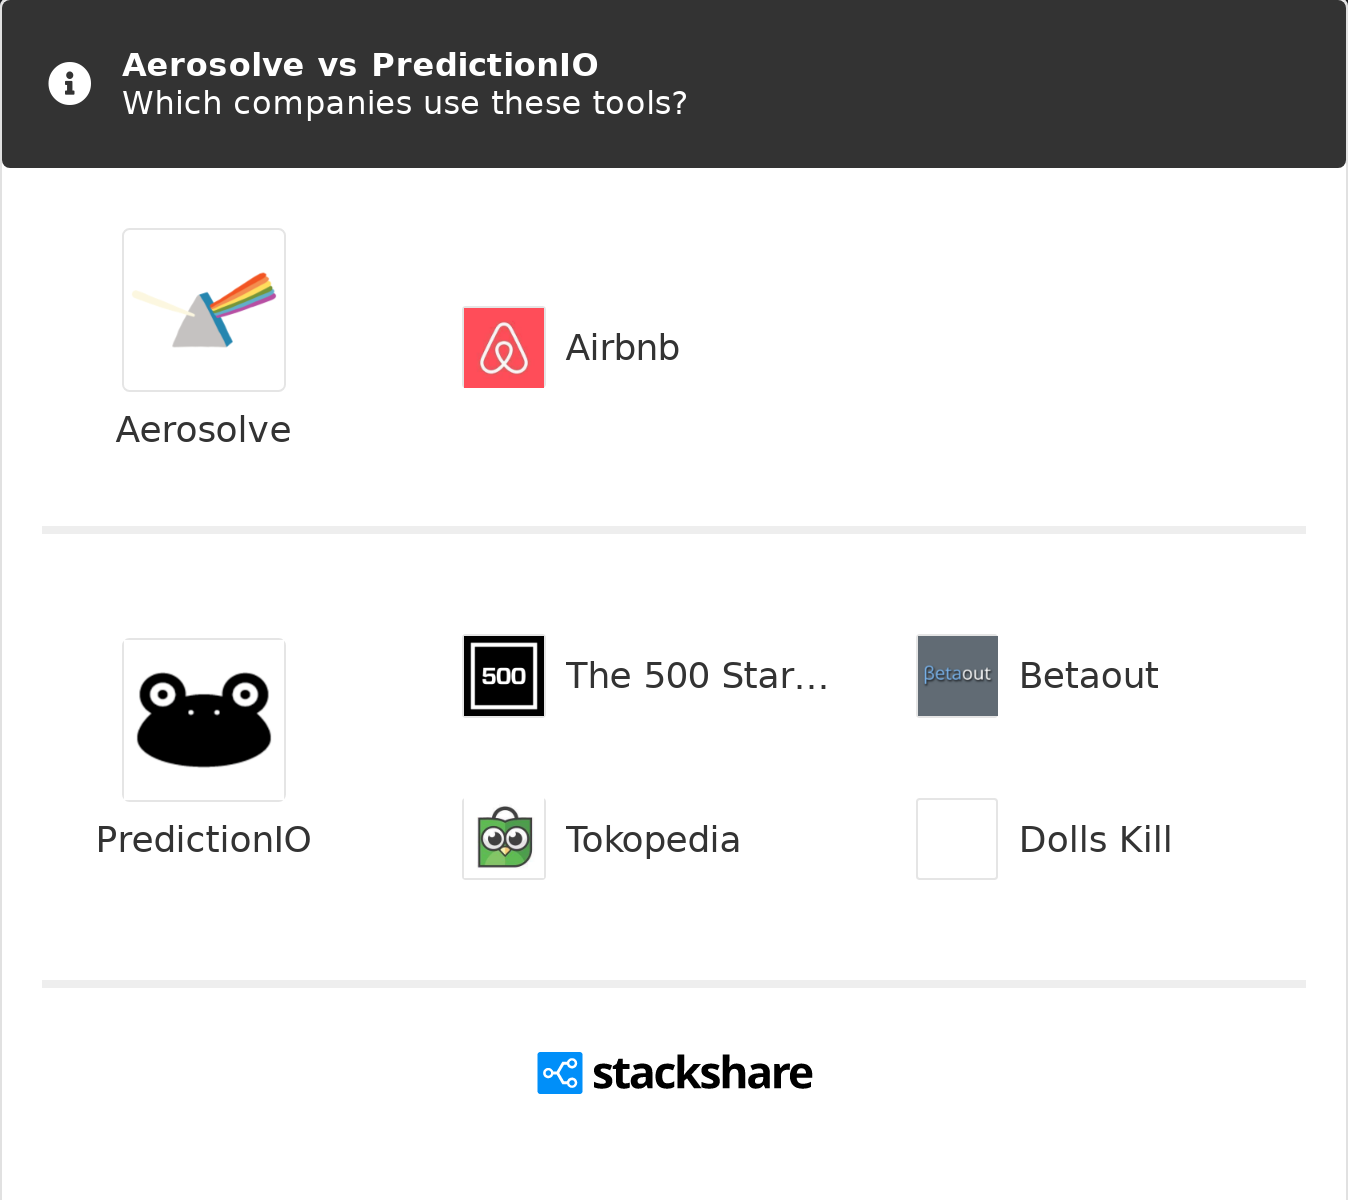 Aerosolve vs PredictionIO | What are the differences?